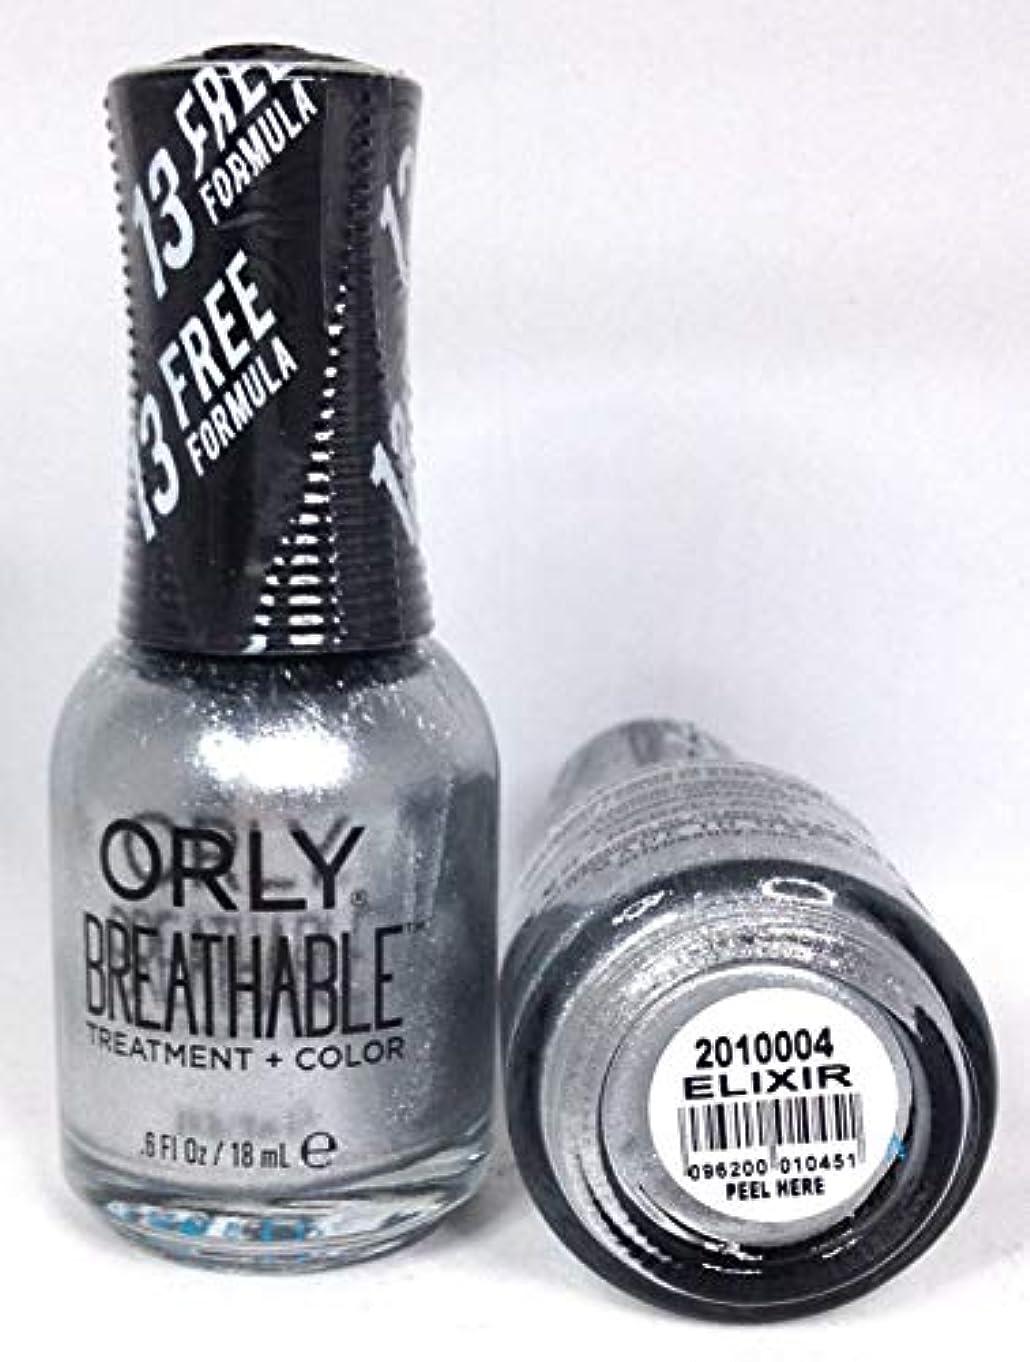 うるさい地域事実ORLY Breathable Lacquer - Treatment+Color - Elixir - 18 mL / 0.6 oz